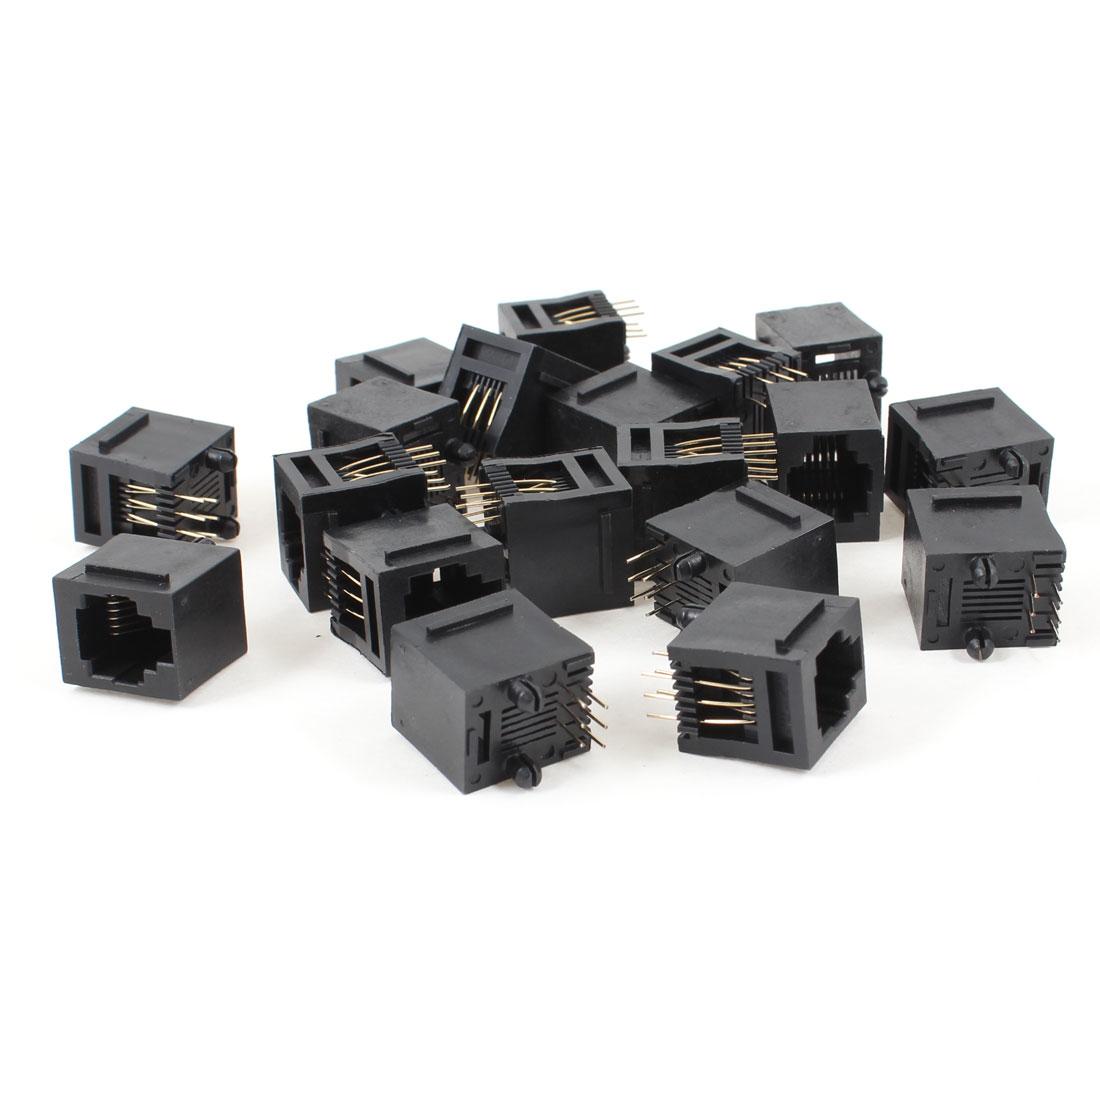 19 Pcs Black Plastic 180 Degree RJ12 6P6C Network Modular PCB Connector Jacks